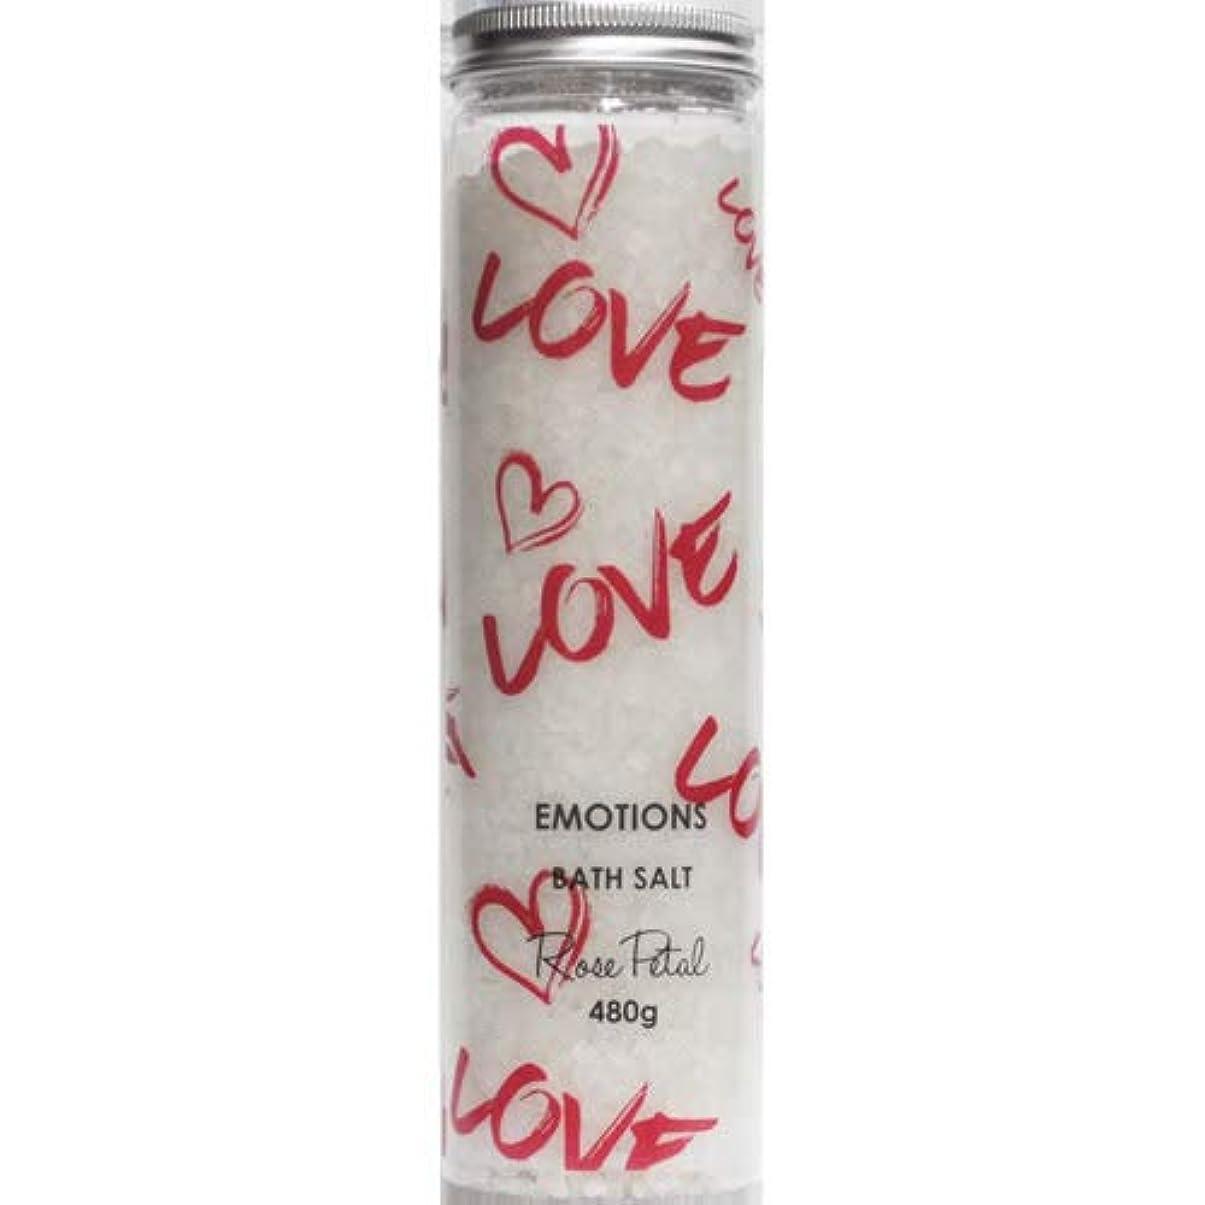 バレルセットアップラフ三和トレーディング EMOTIONS エモーション Fragranced Bath Salts バスソルト Love ラブ(Rose Petal ローズペタル)